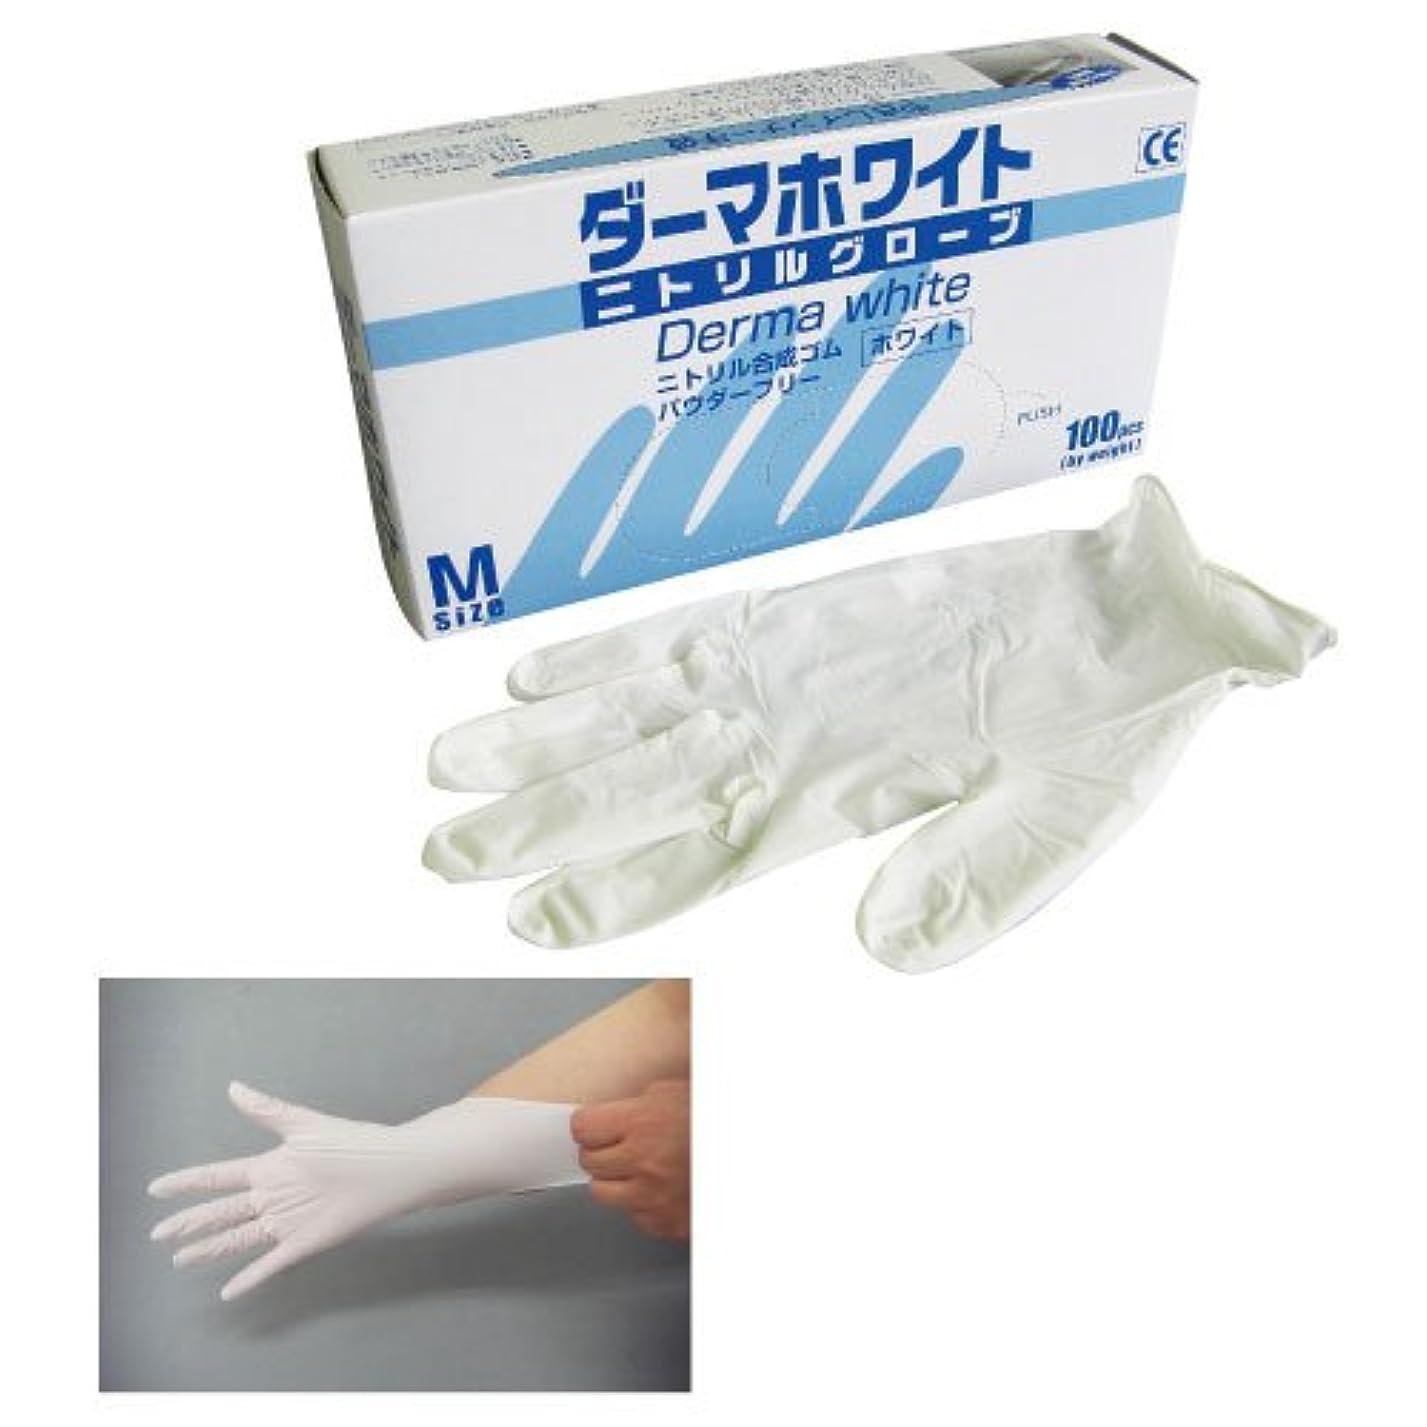 ダーマホワイト ニトリル手袋PF ?????????????????PF(23-3770-00)GN01(SS)100??